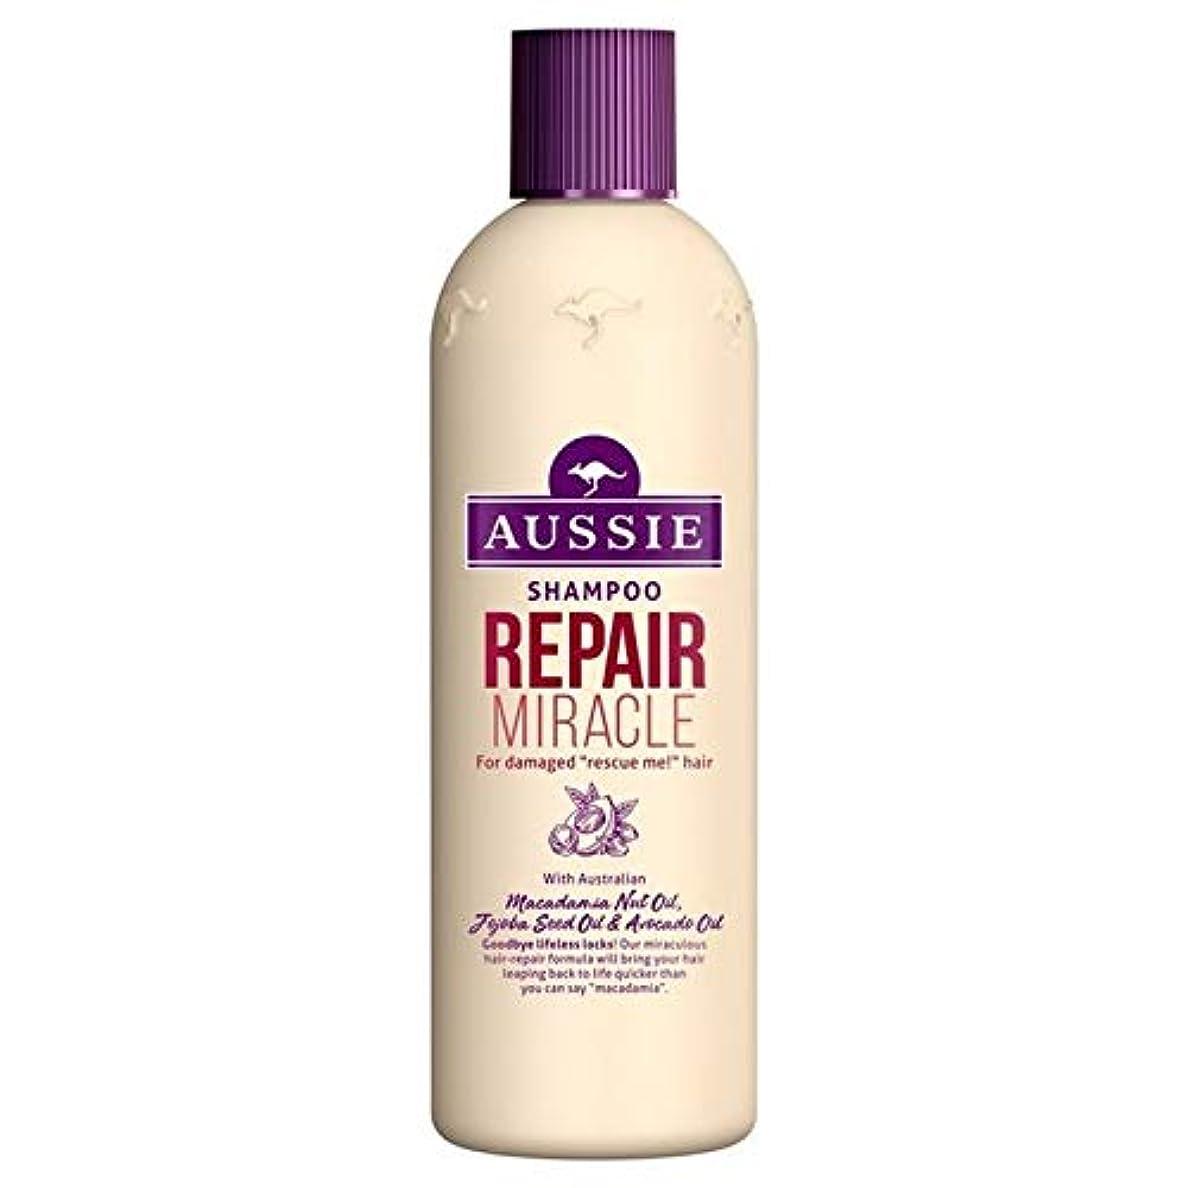 クラッチ奇妙な枢機卿[Aussie ] いたずらな髪の300ミリリットルのすべての種類のオージーシャンプーの修理の奇跡 - Aussie Shampoo Repair Miracle for All Kinds of Naughty Hair 300ml [並行輸入品]